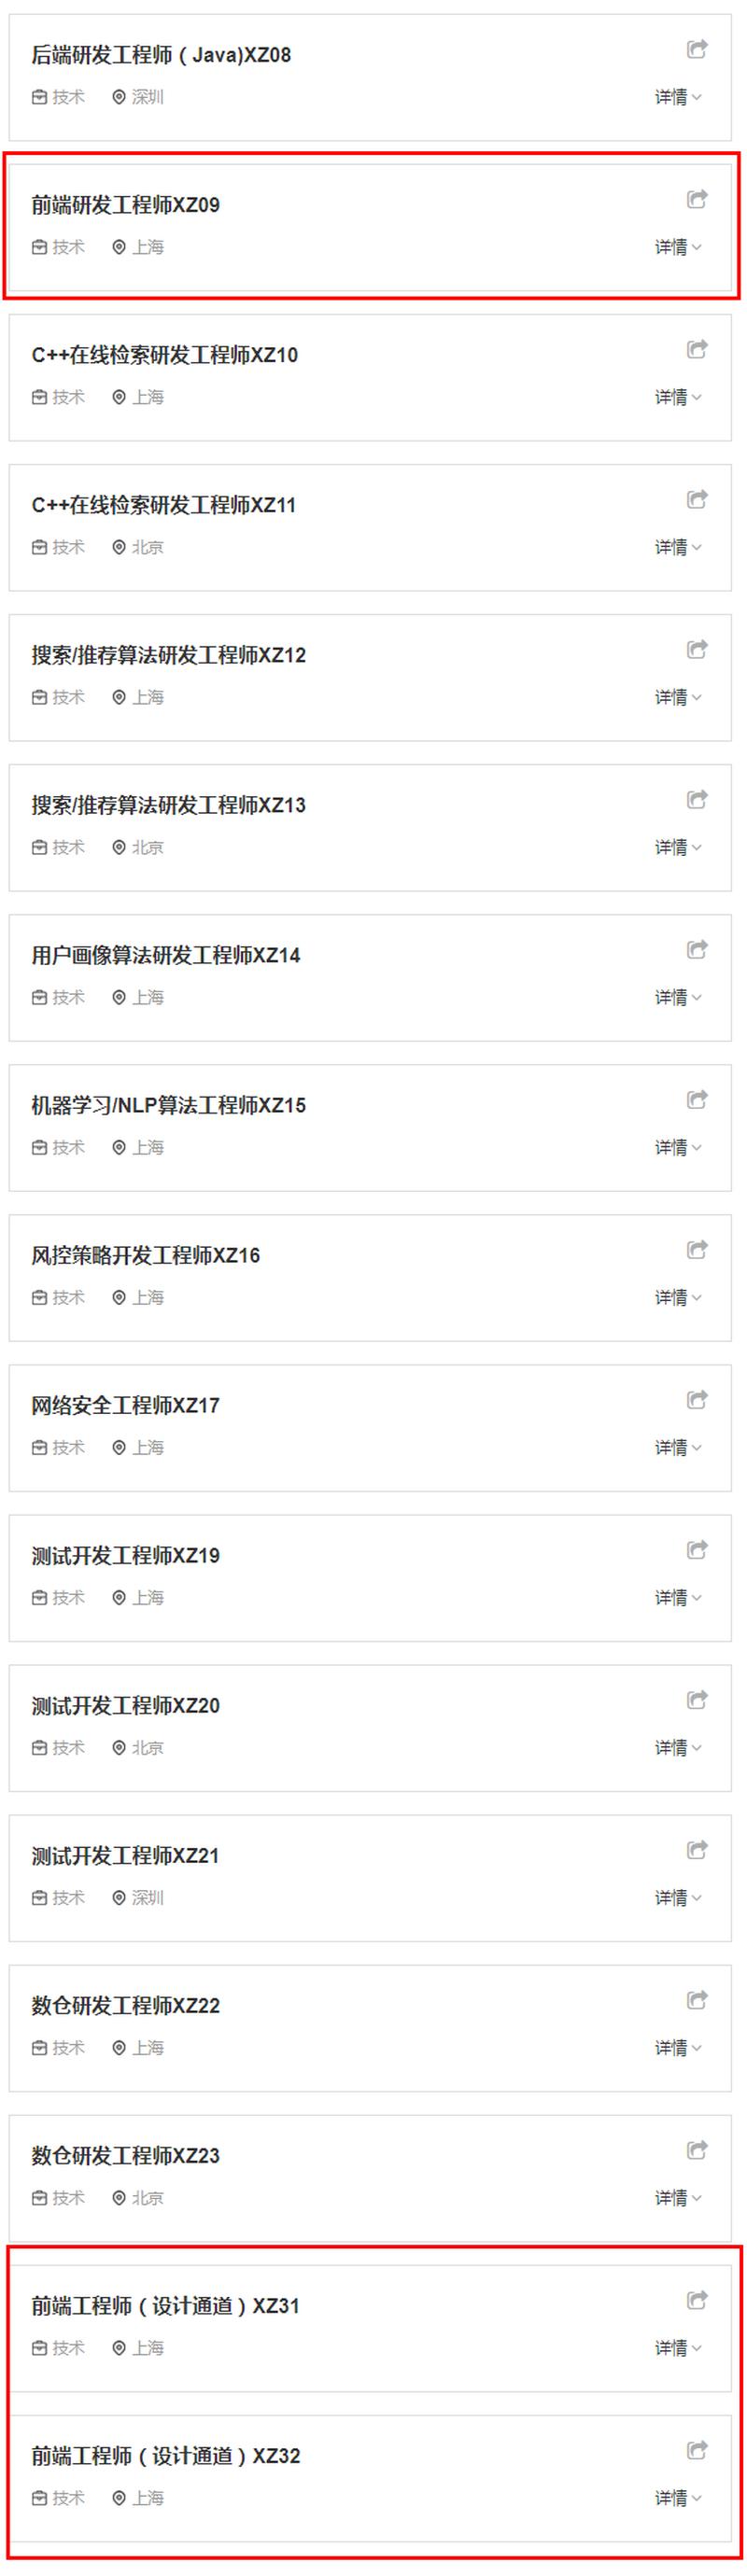 张鑫旭于2021-10-18 14:46发布的图片